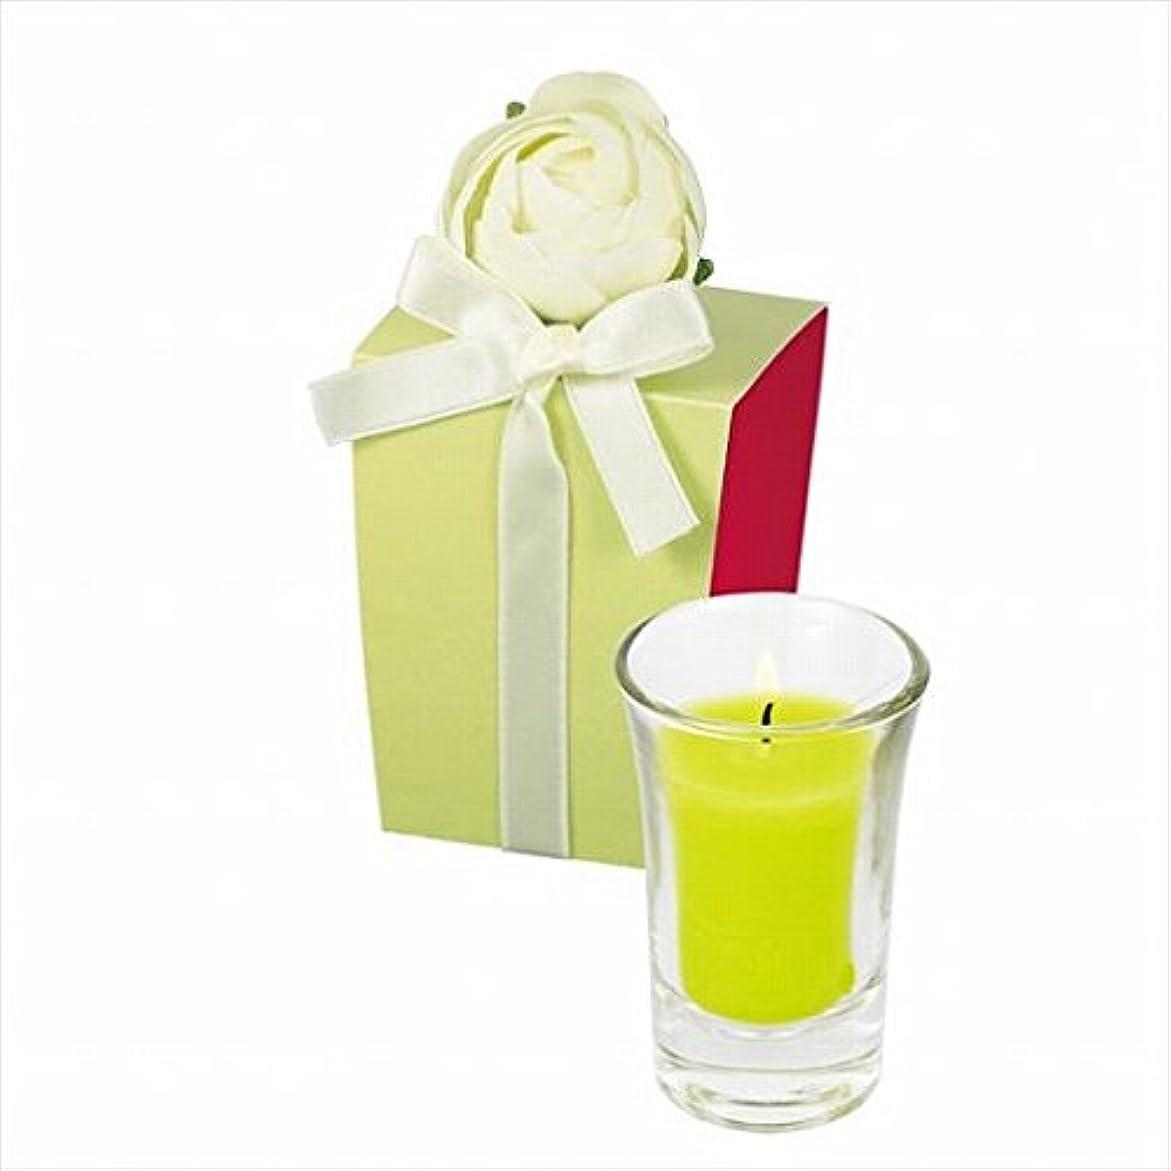 メロドラマつぼみビルカメヤマキャンドル(kameyama candle) ラナンキュラスグラスキャンドル 「 ライトグリーン 」